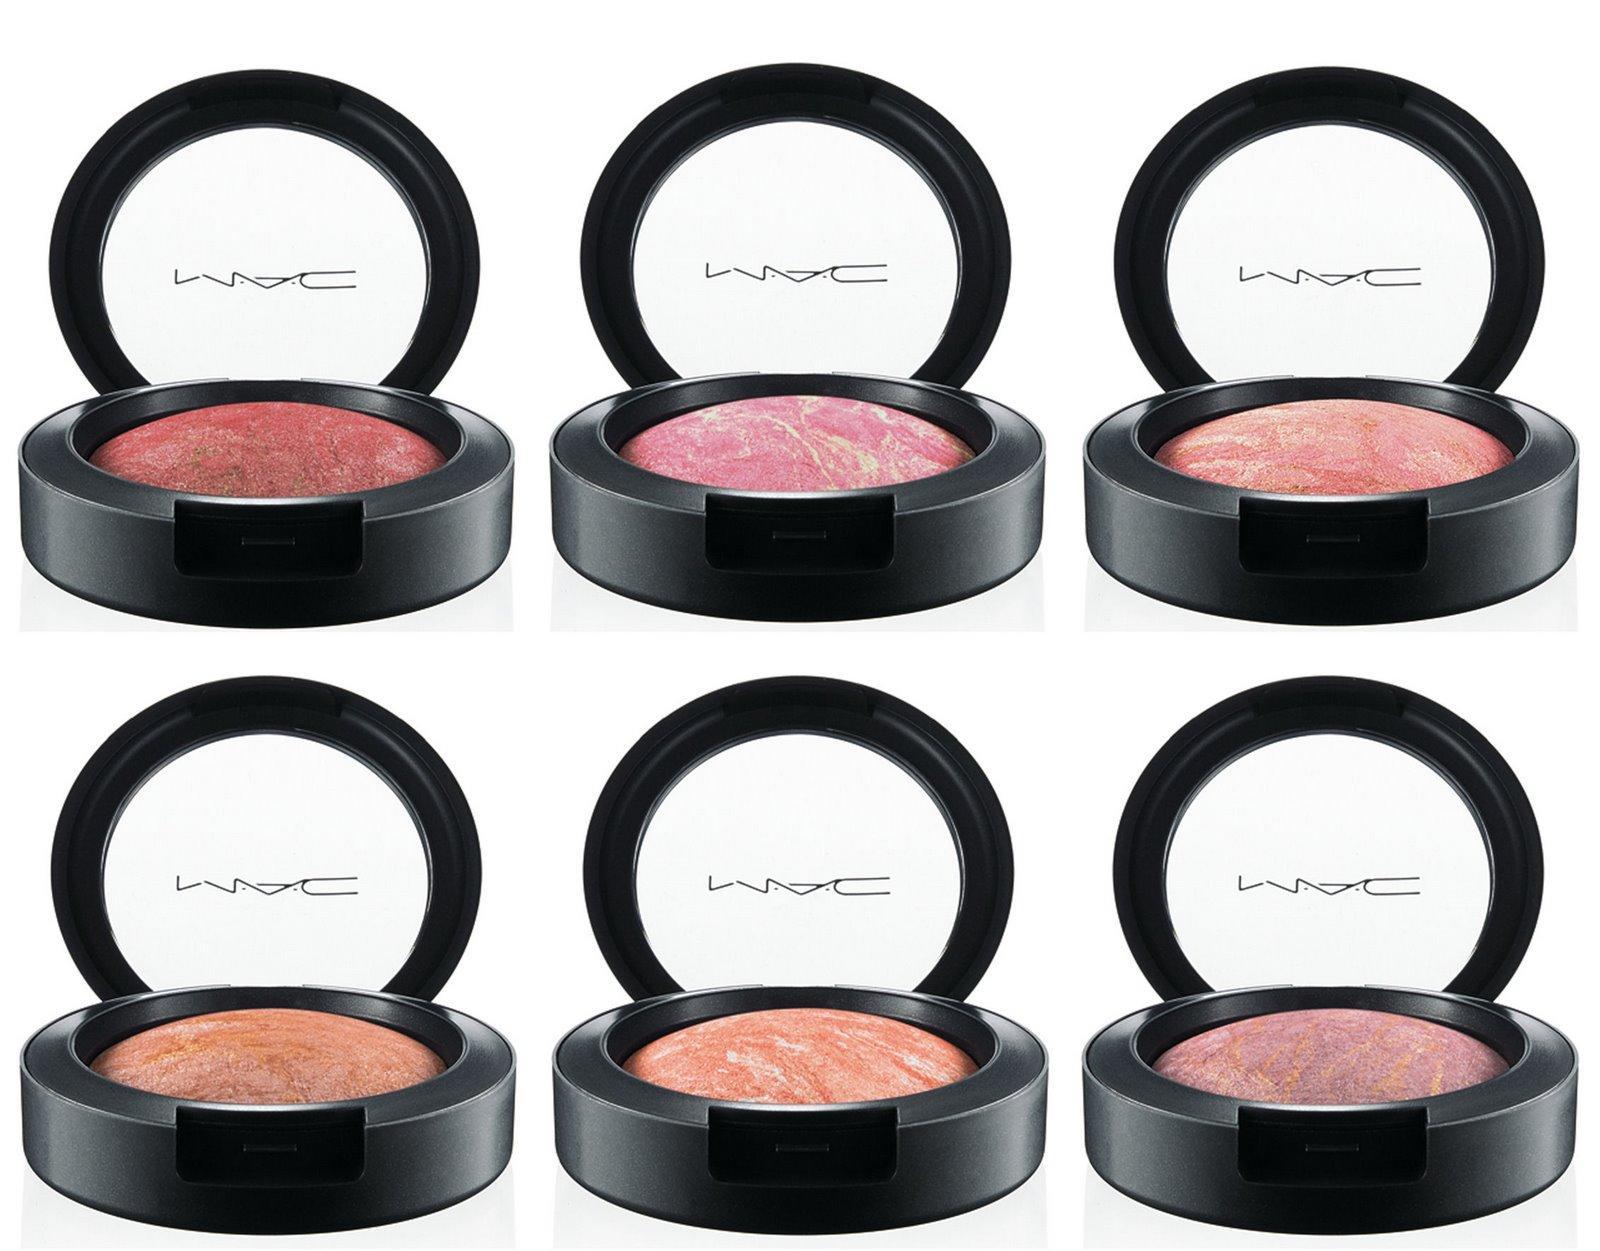 Mac mineralize blush 12g 10 styles